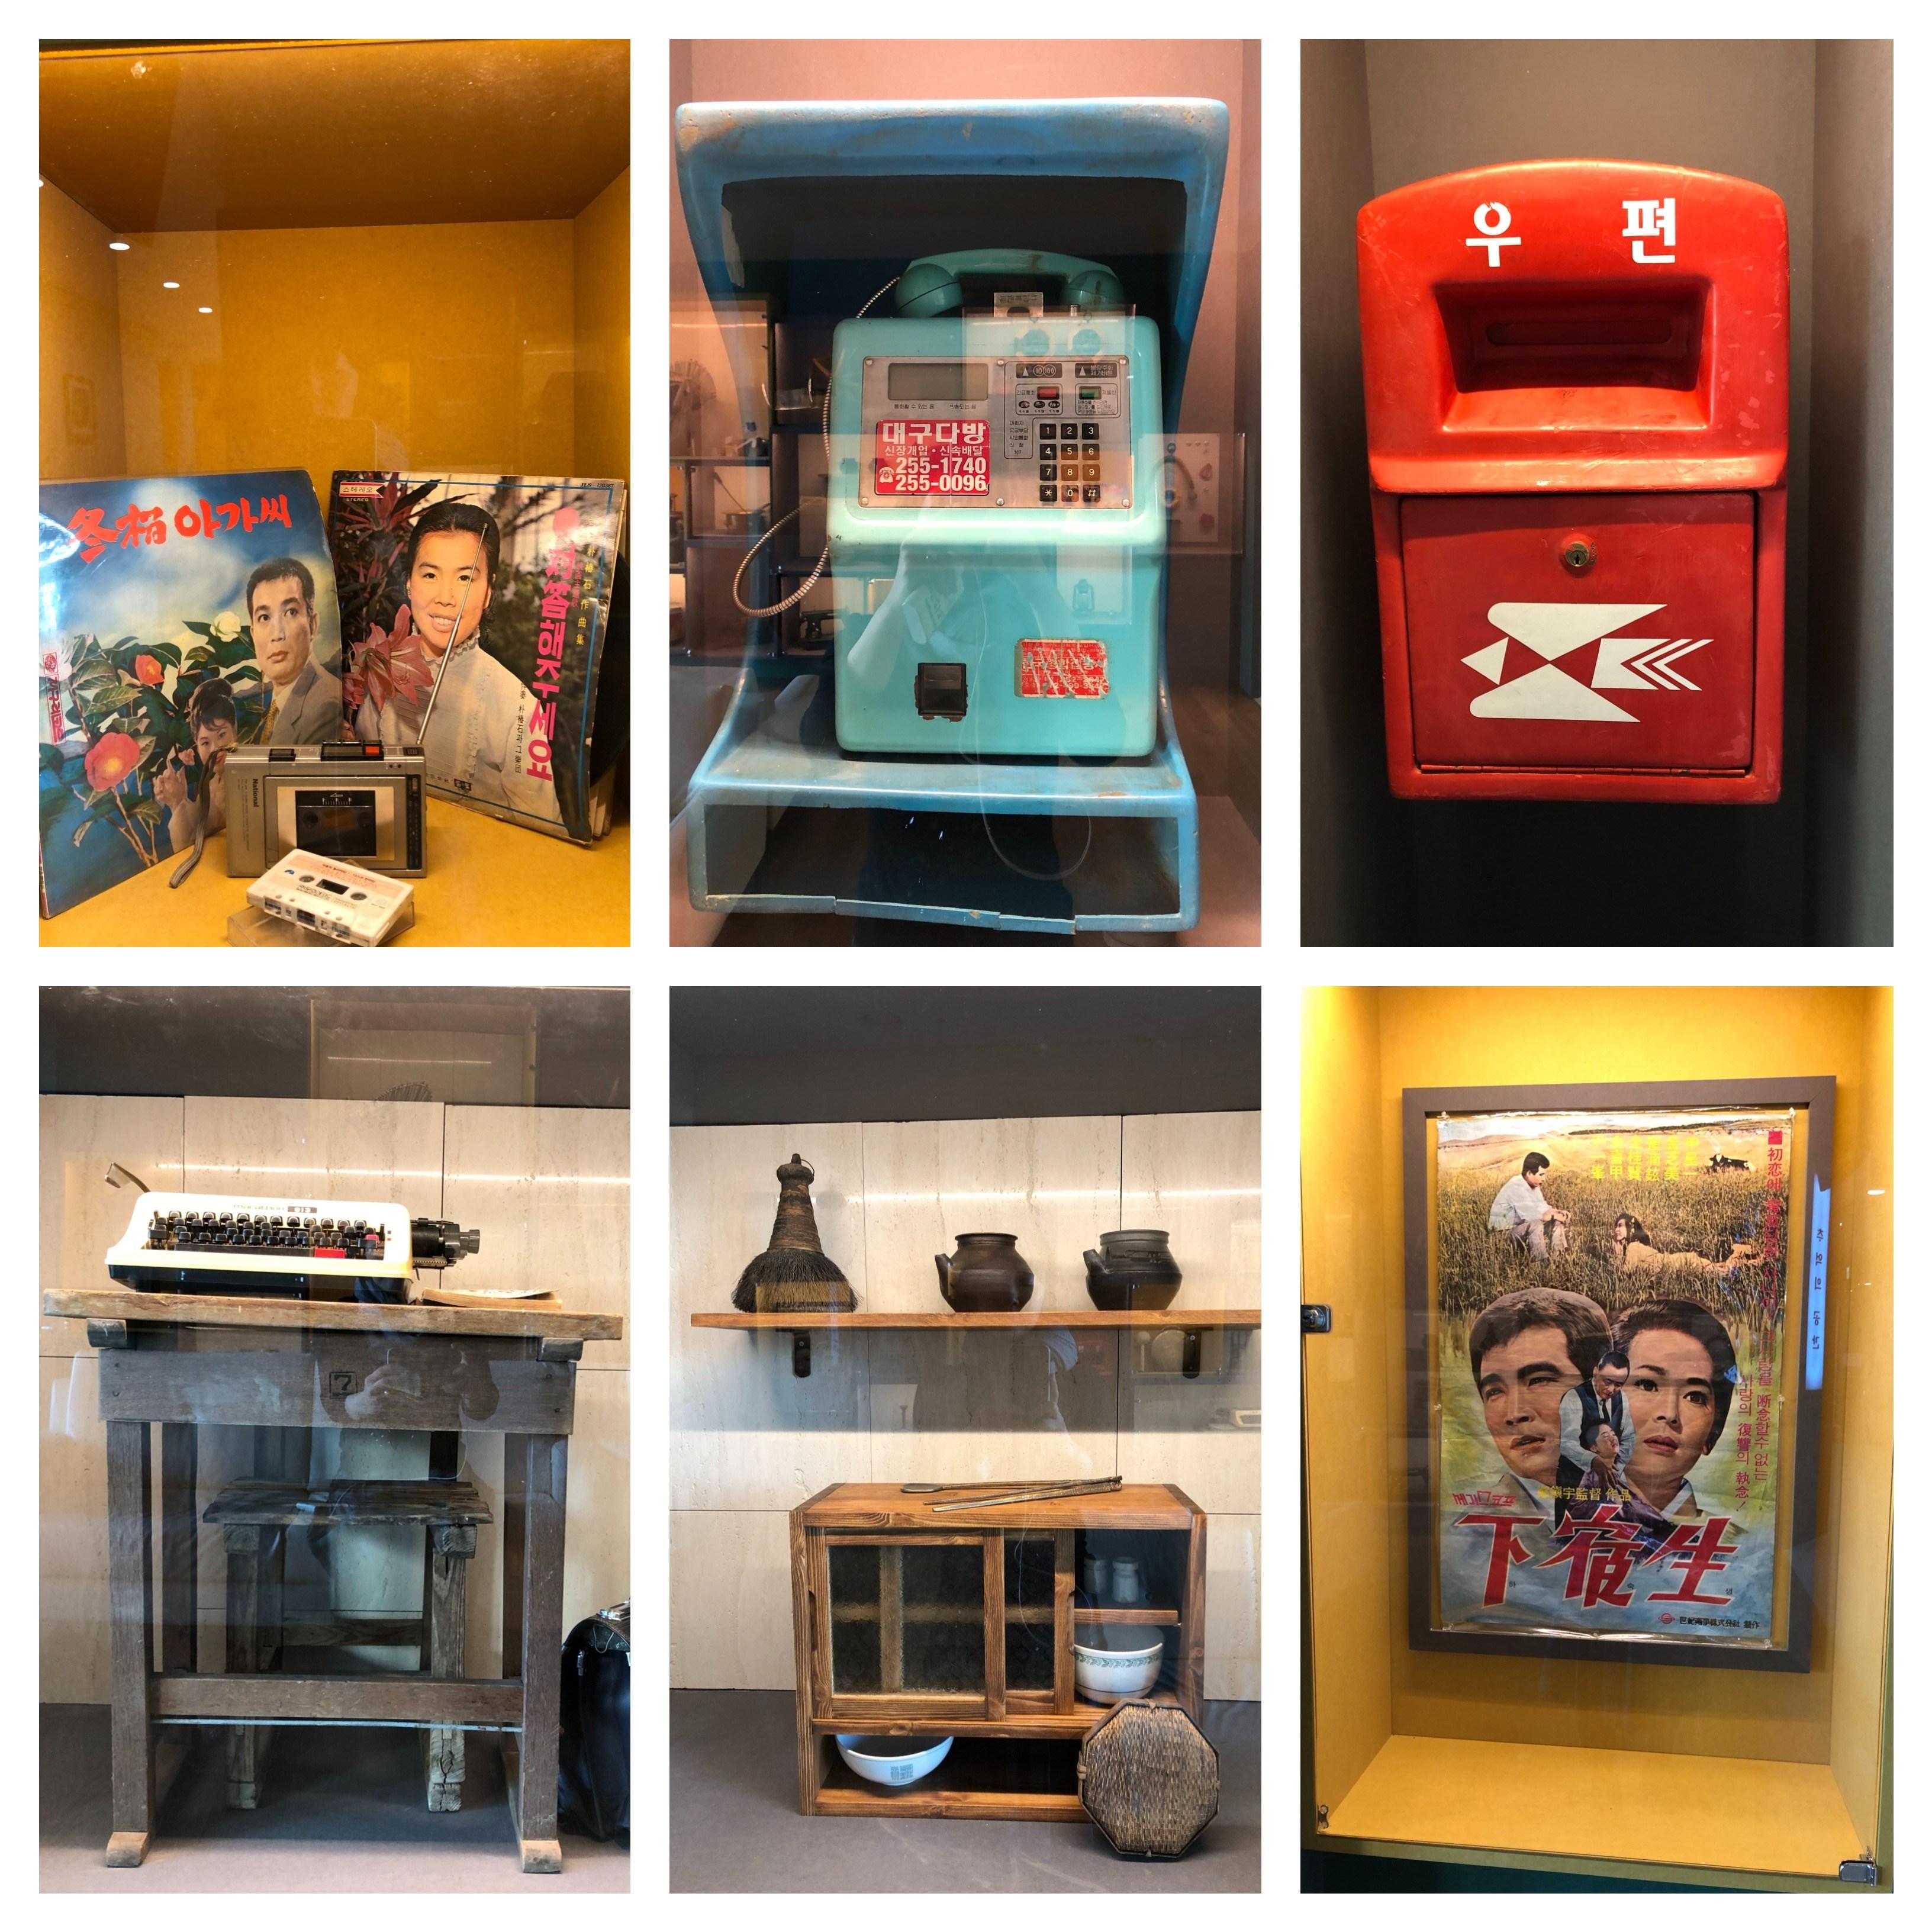 아련한 추억 속으로 돌아가게 만들어주는 그 옛날 전시품들(카세트테이프, 공중전화기, 우체통, 타자기 등)